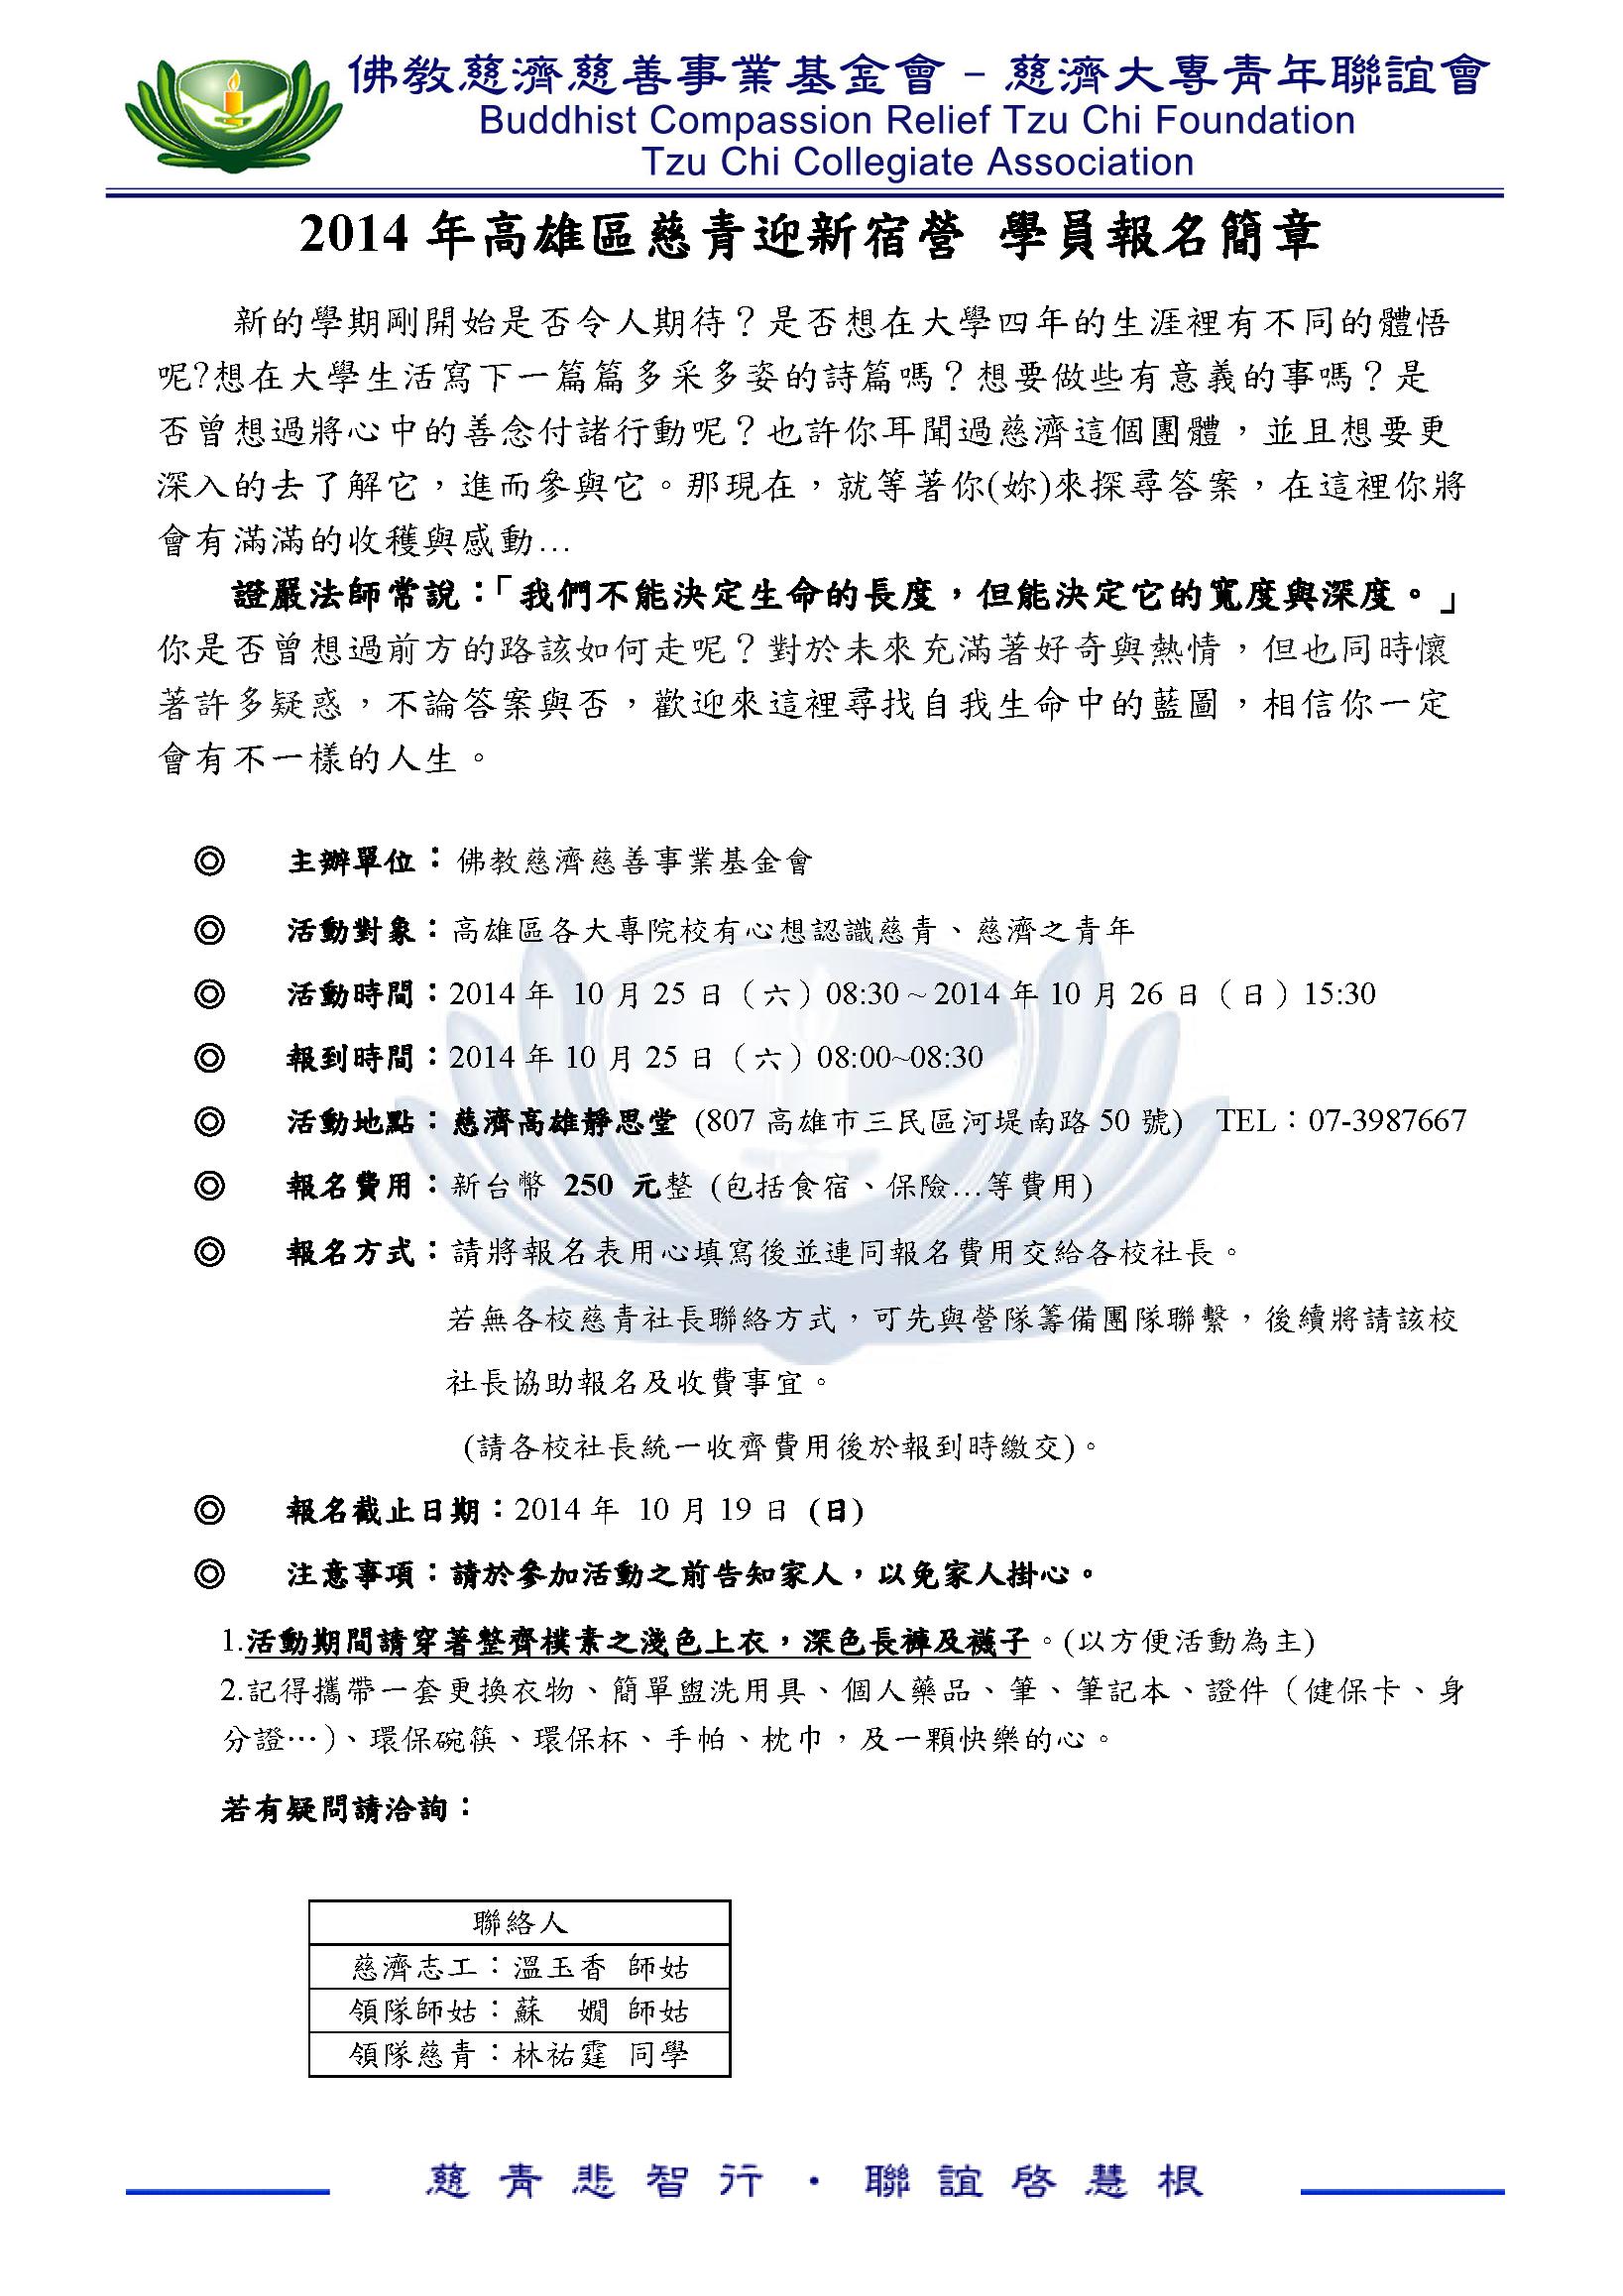 2014高雄區慈青迎新宿營報名簡章_頁面_1.png